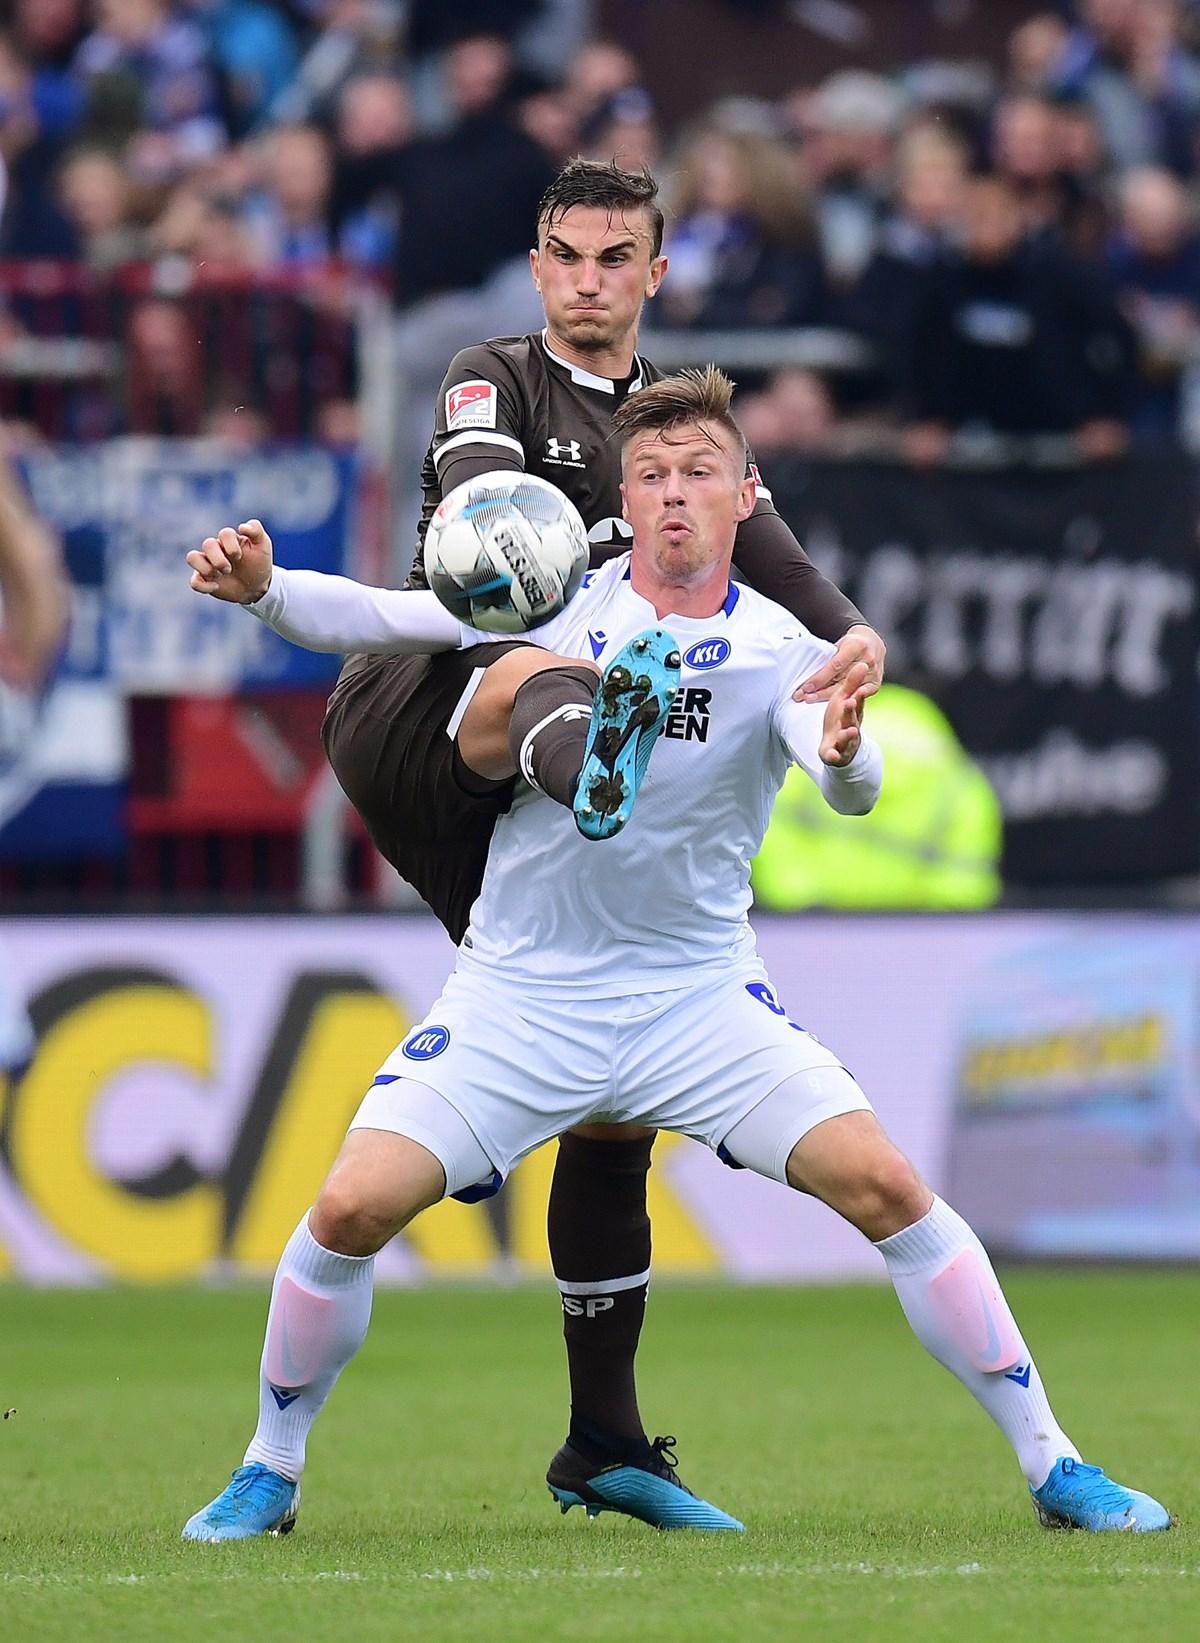 Etwas unerwartet feierte Philipp Ziereis (hier im Duell mit Marvin Pourie) im Heimspiel gegen den KSC sein Comeback in Liga zwei.